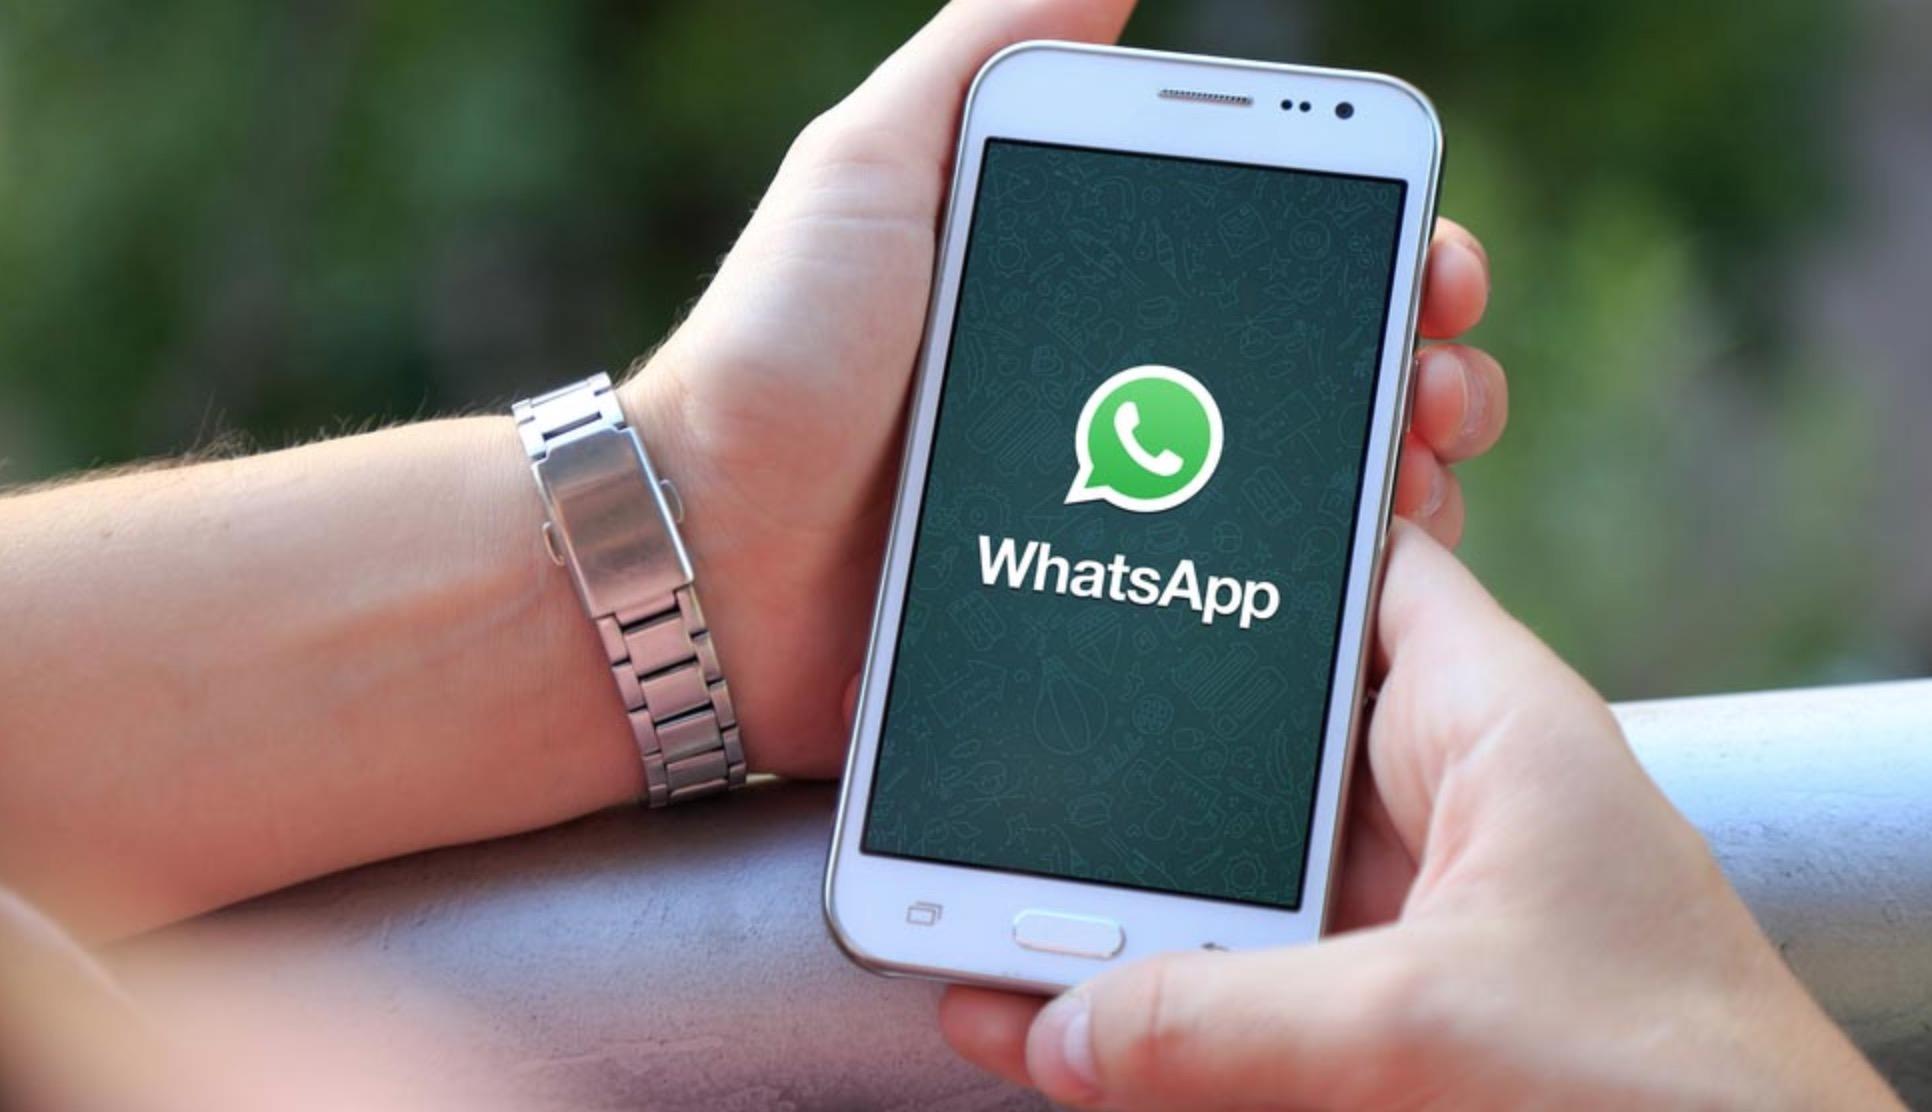 Nuova truffa WhatsApp: il falso aggiornamento che ti ruba i dati